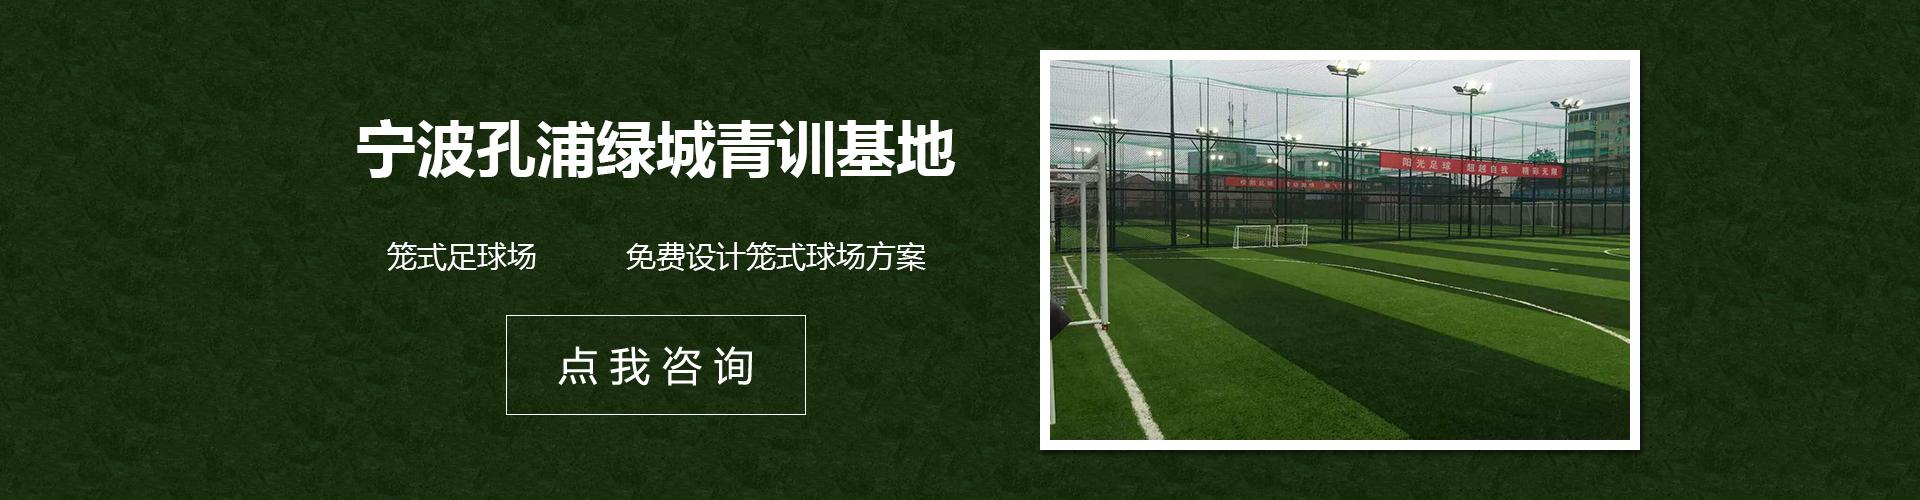 笼式球场工程案例